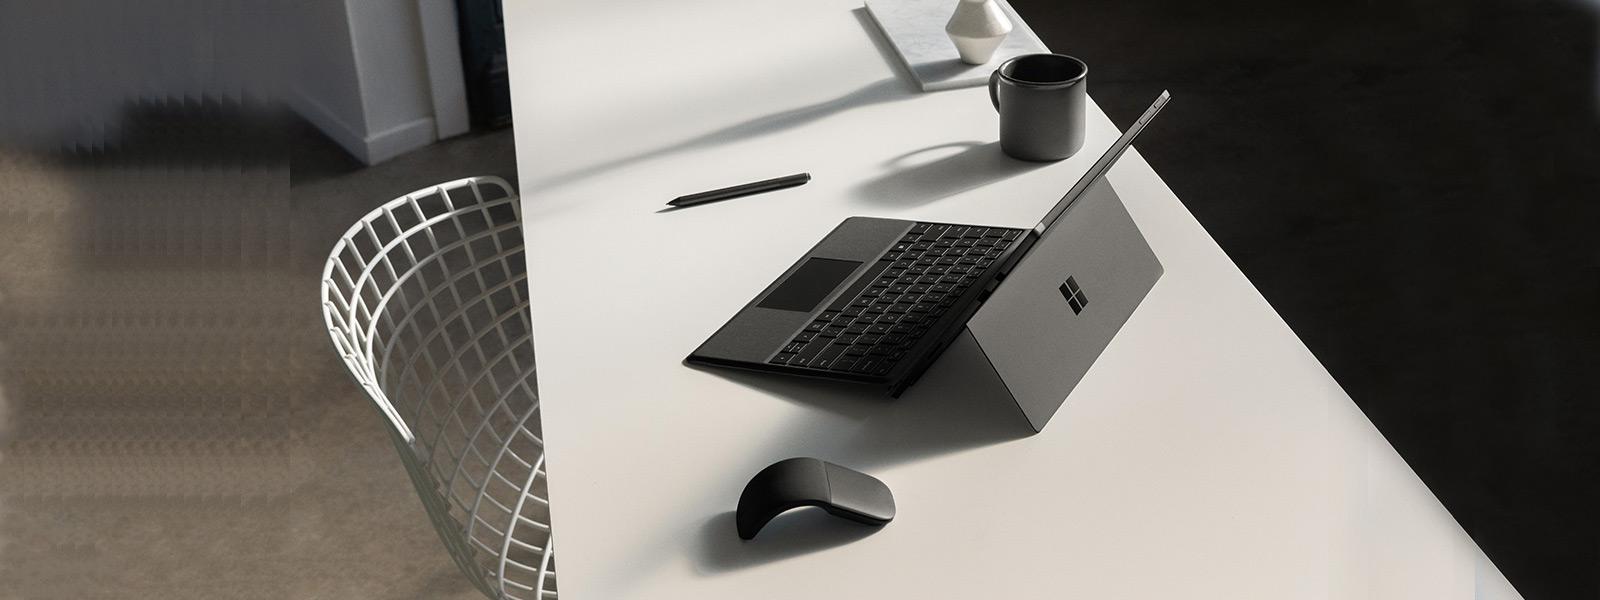 机上にある Surface Pro タイプカバー、Surface ペン、Surface Arc Mouseと、ノート PC モードの Surface Pro 6